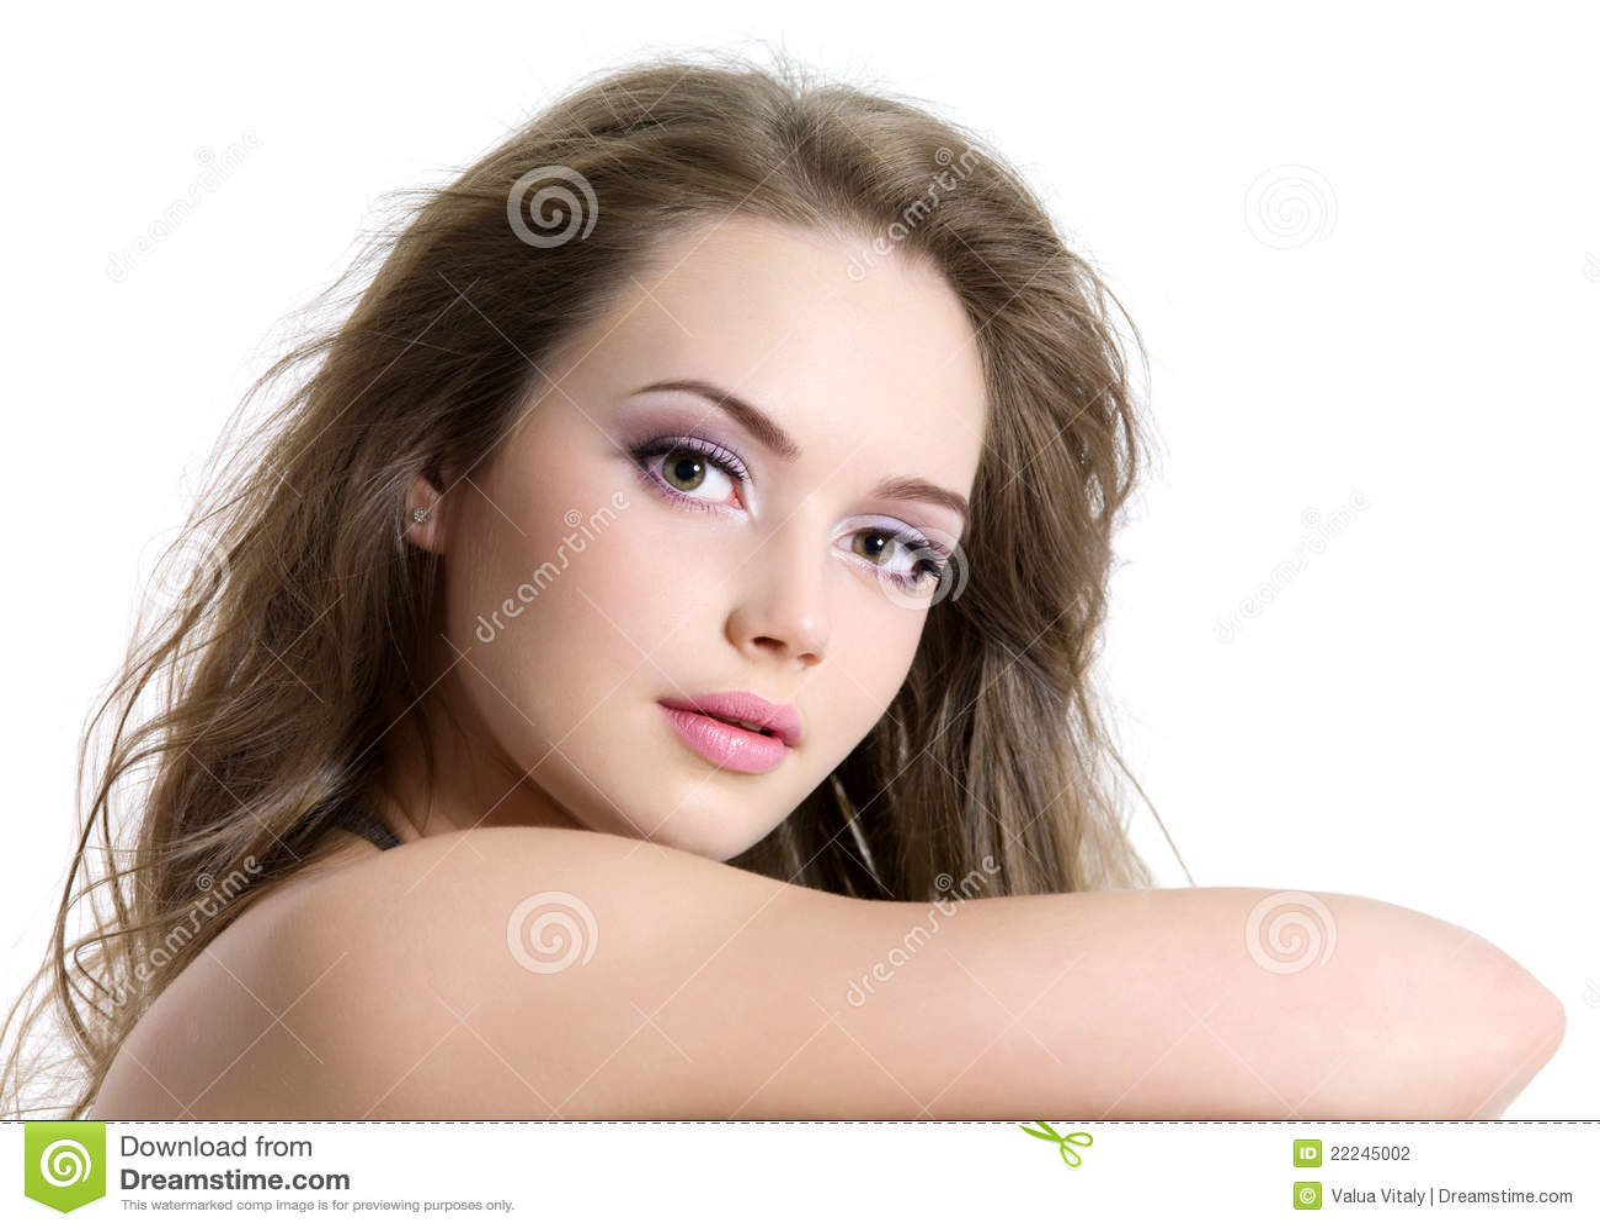 Sexy Teen Face